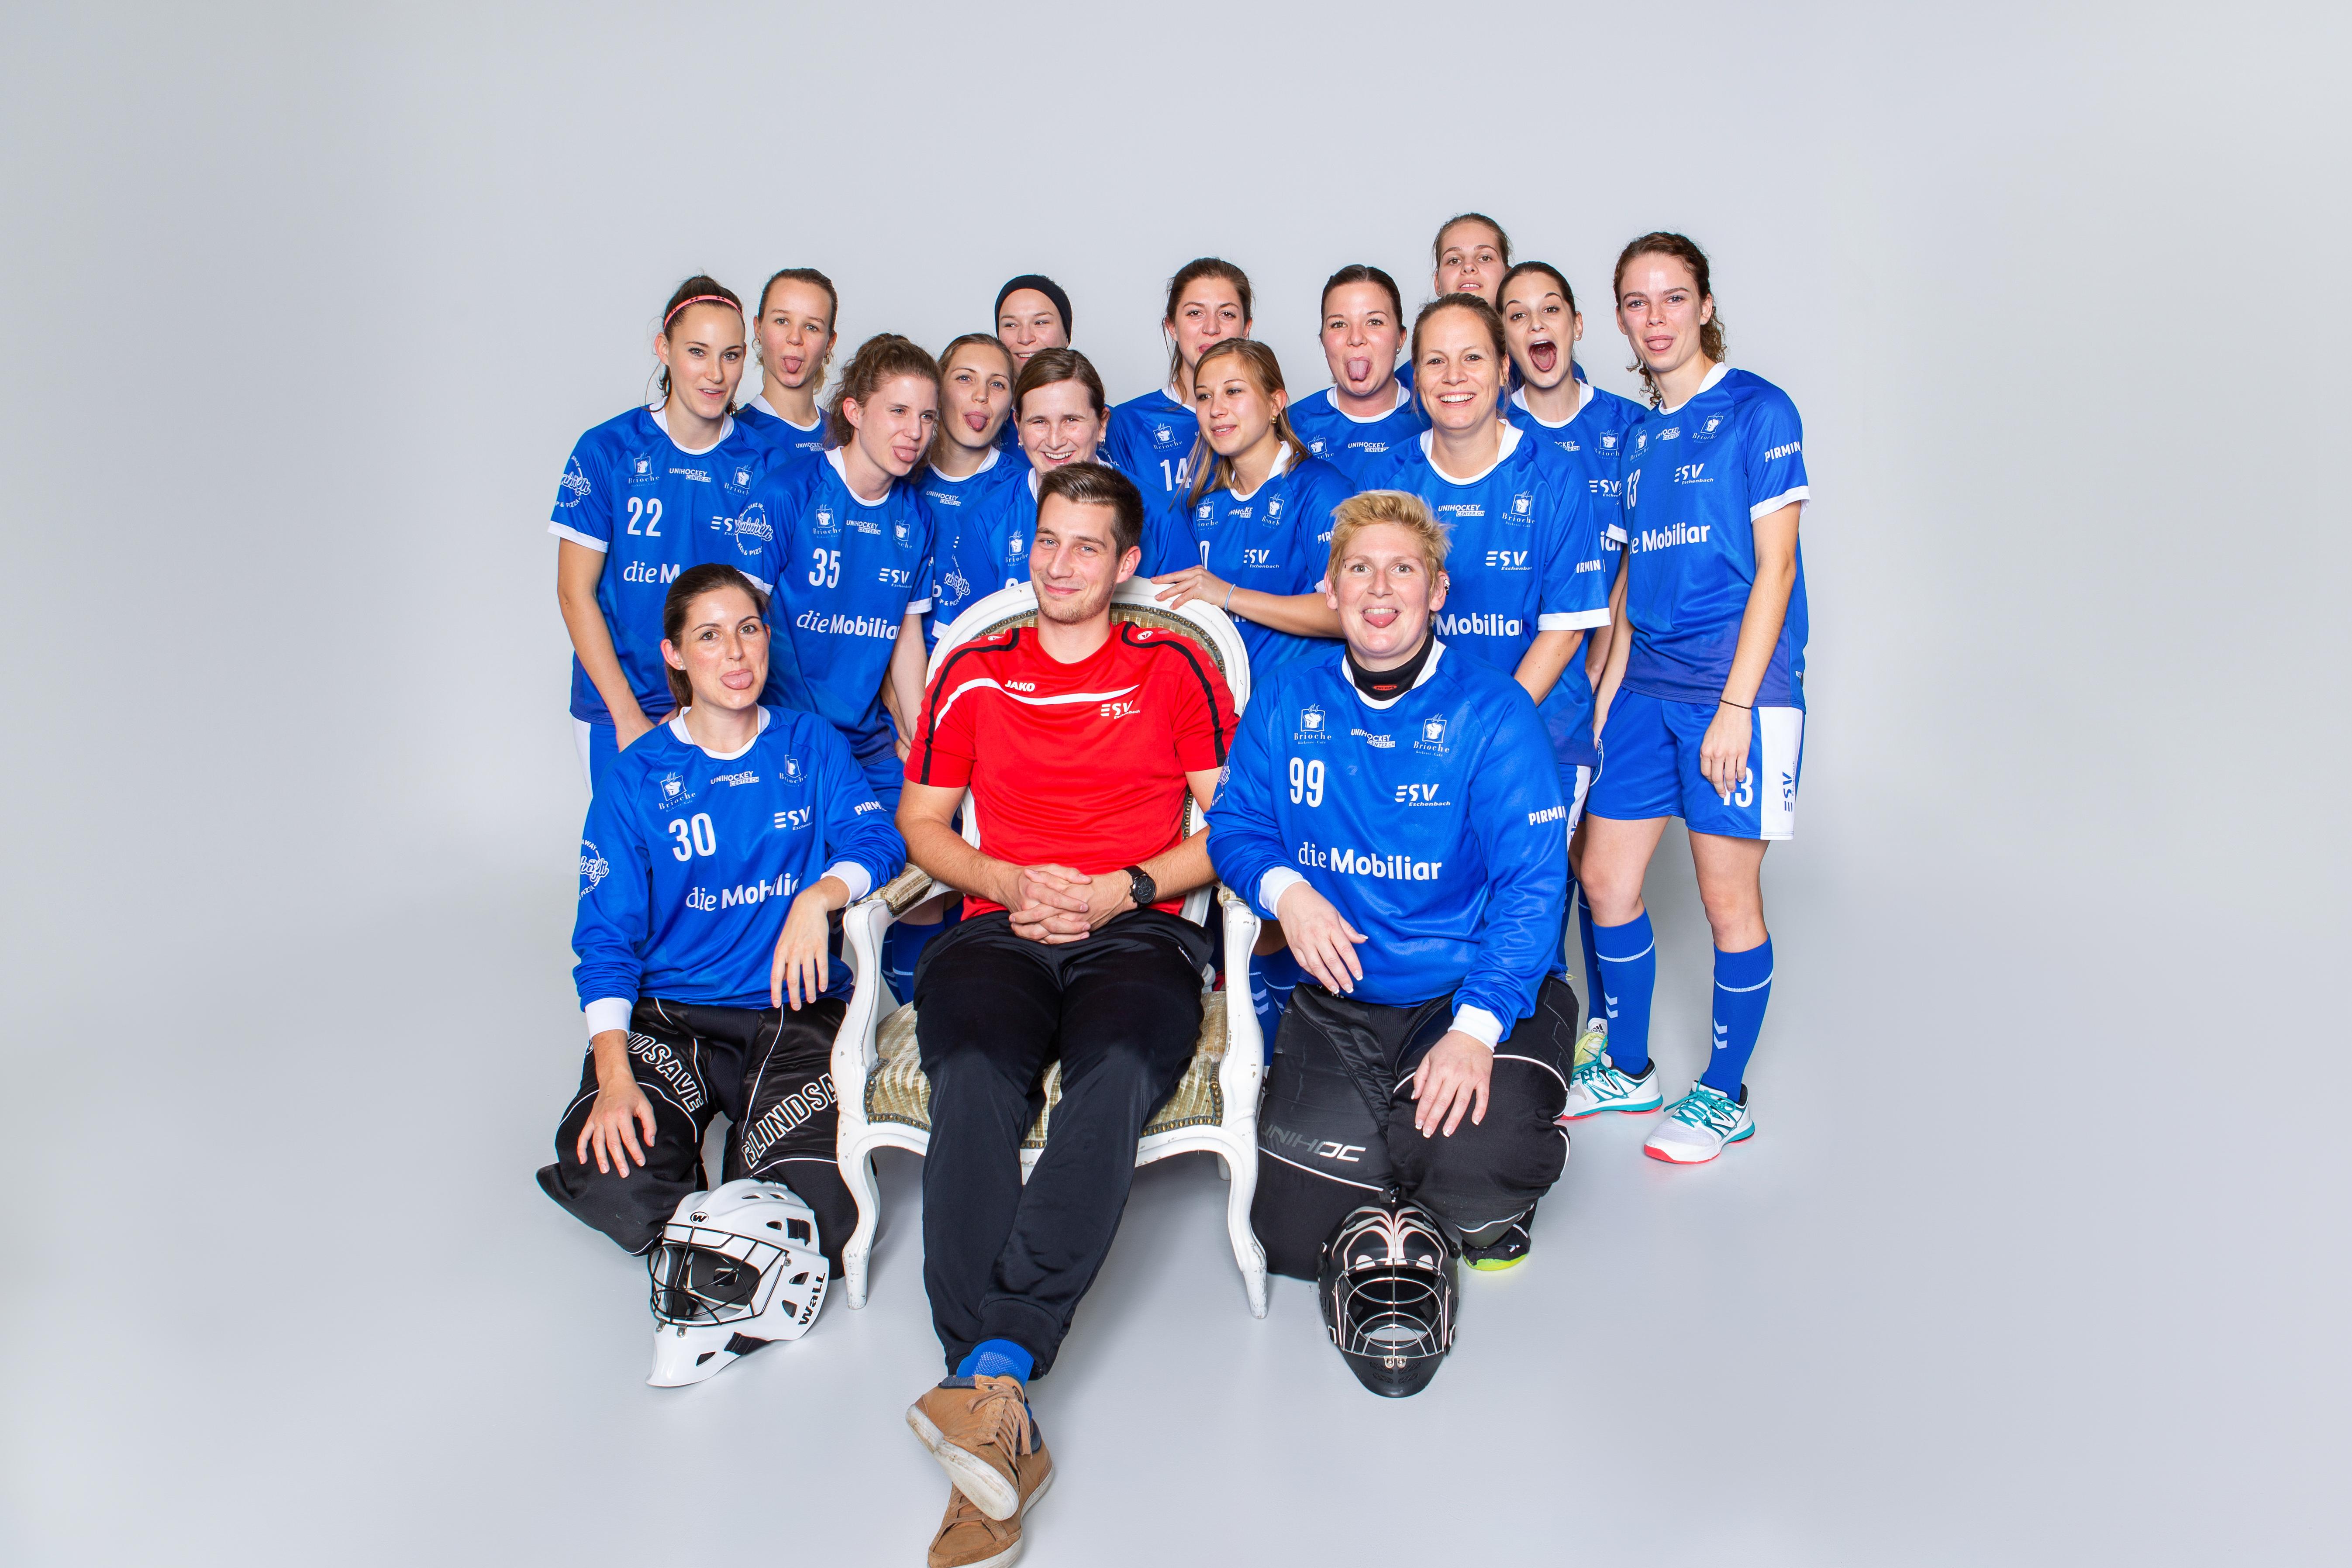 Erste ESV Damen Unihockey Grossfeld-Saison und gleich ungeschlagen!